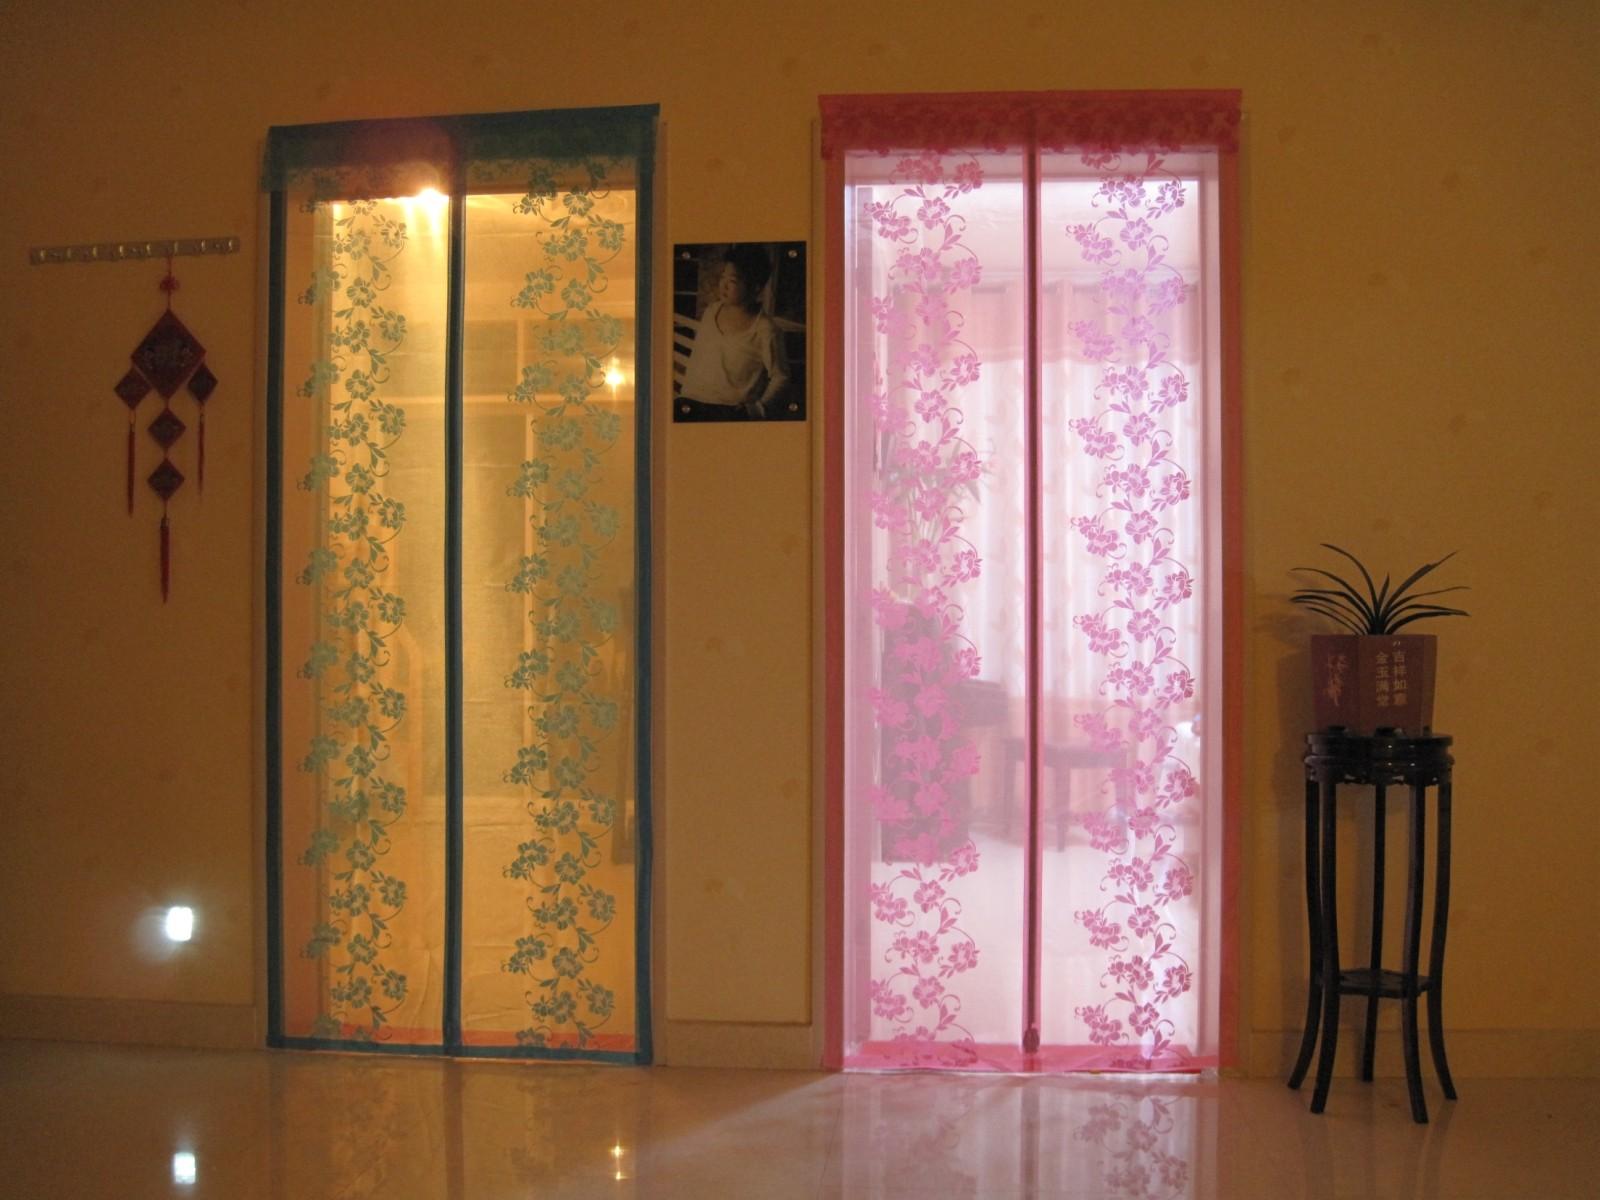 ... magnetic-soft-screen-door-curtain-mosquito-screen-door-screen-door.jpg